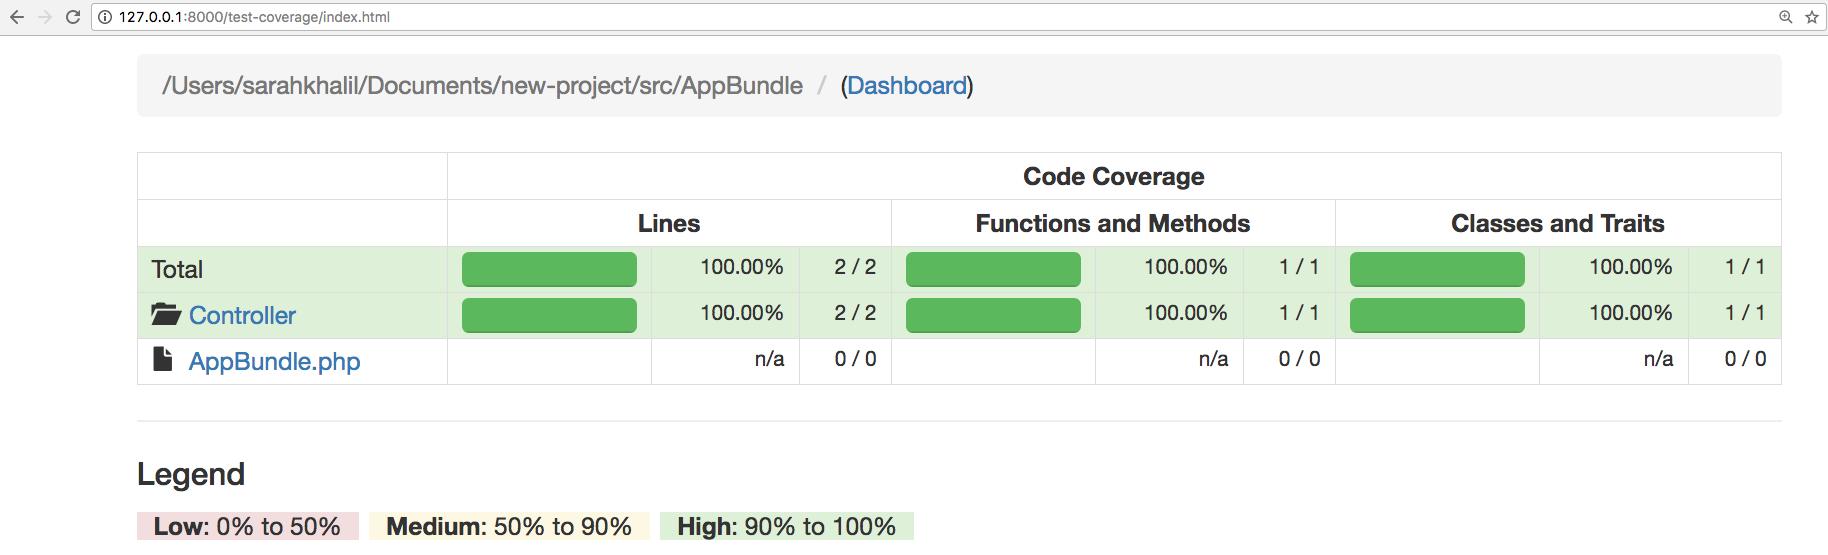 Rapport de couverture de code par les tests actuellement implémenté